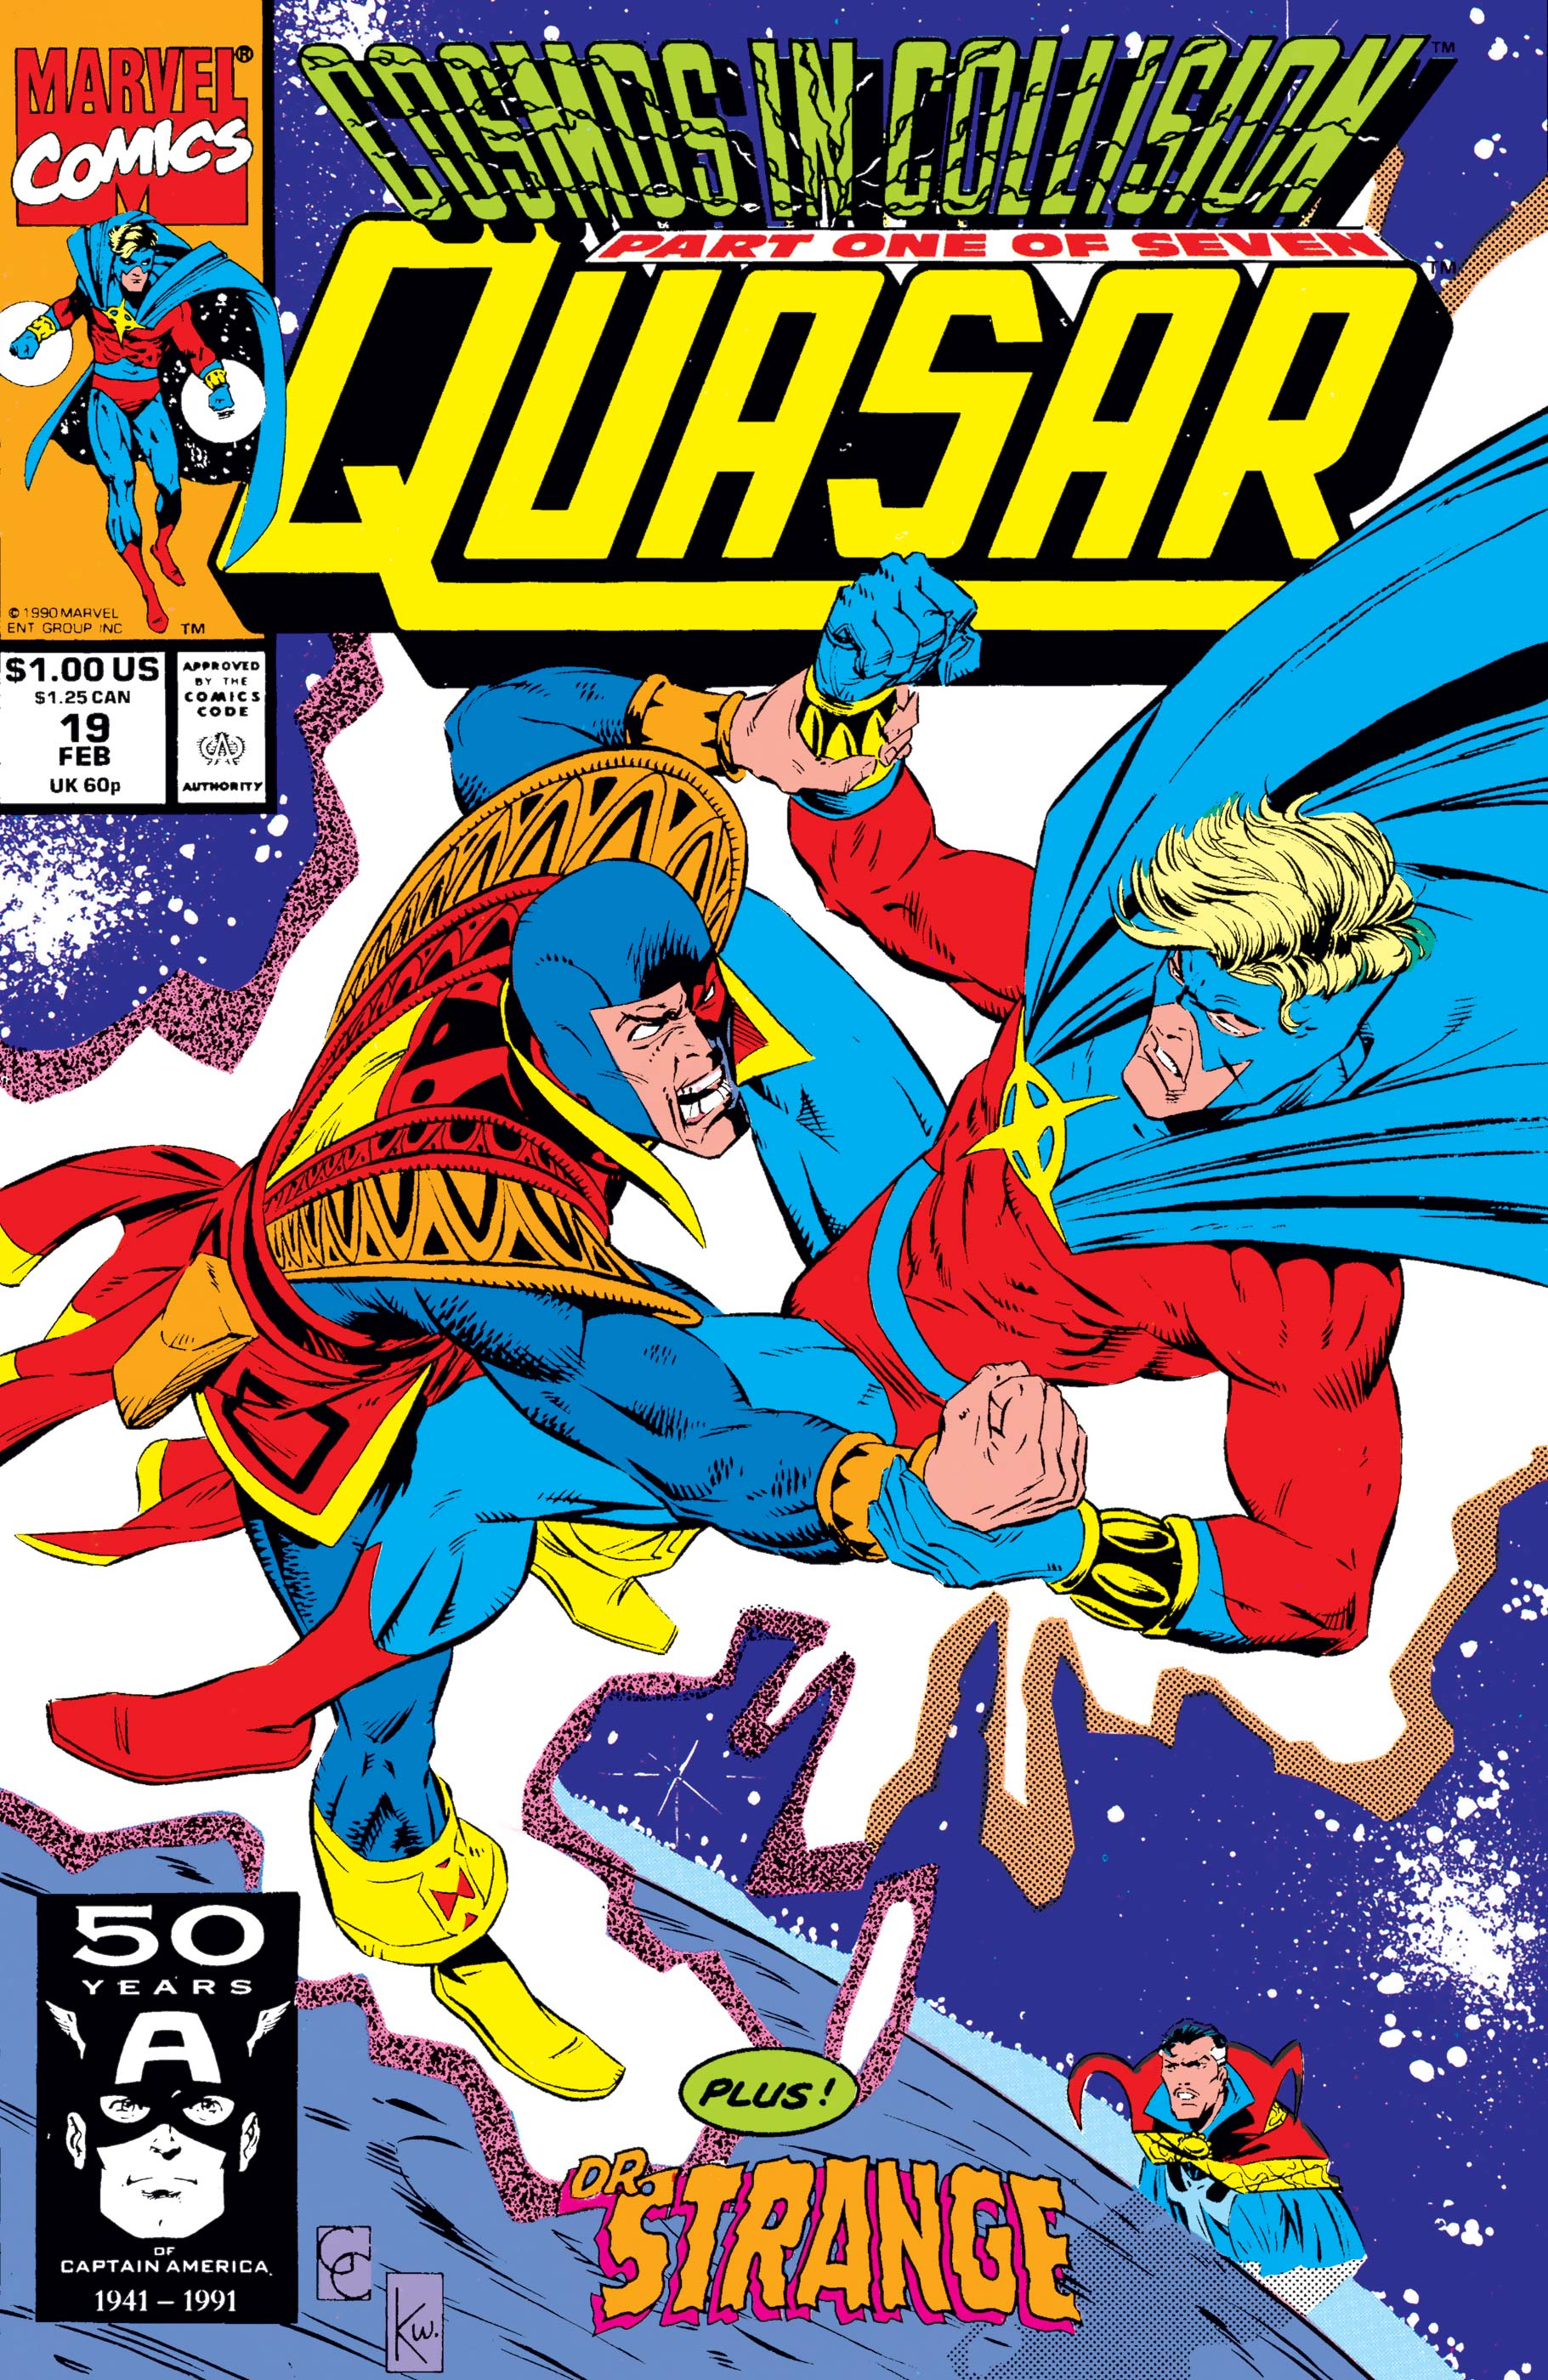 Quasar (1989) #19